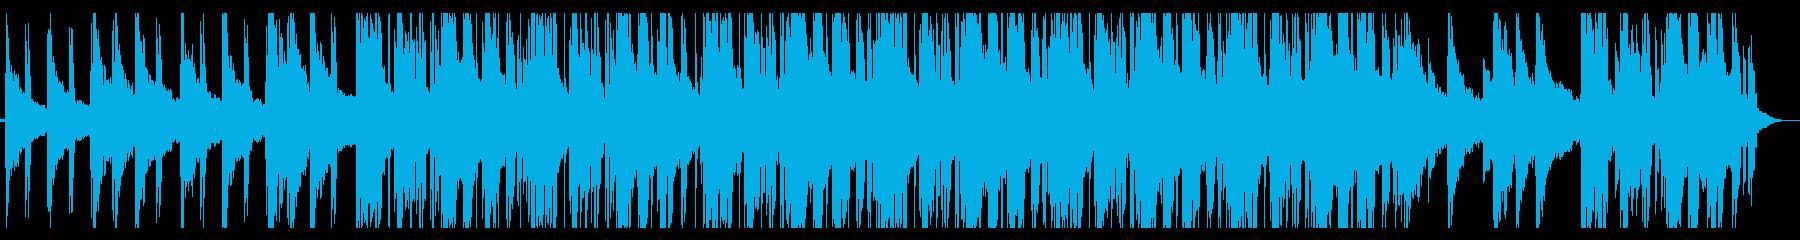 寂しい/ローファイ_No413の再生済みの波形